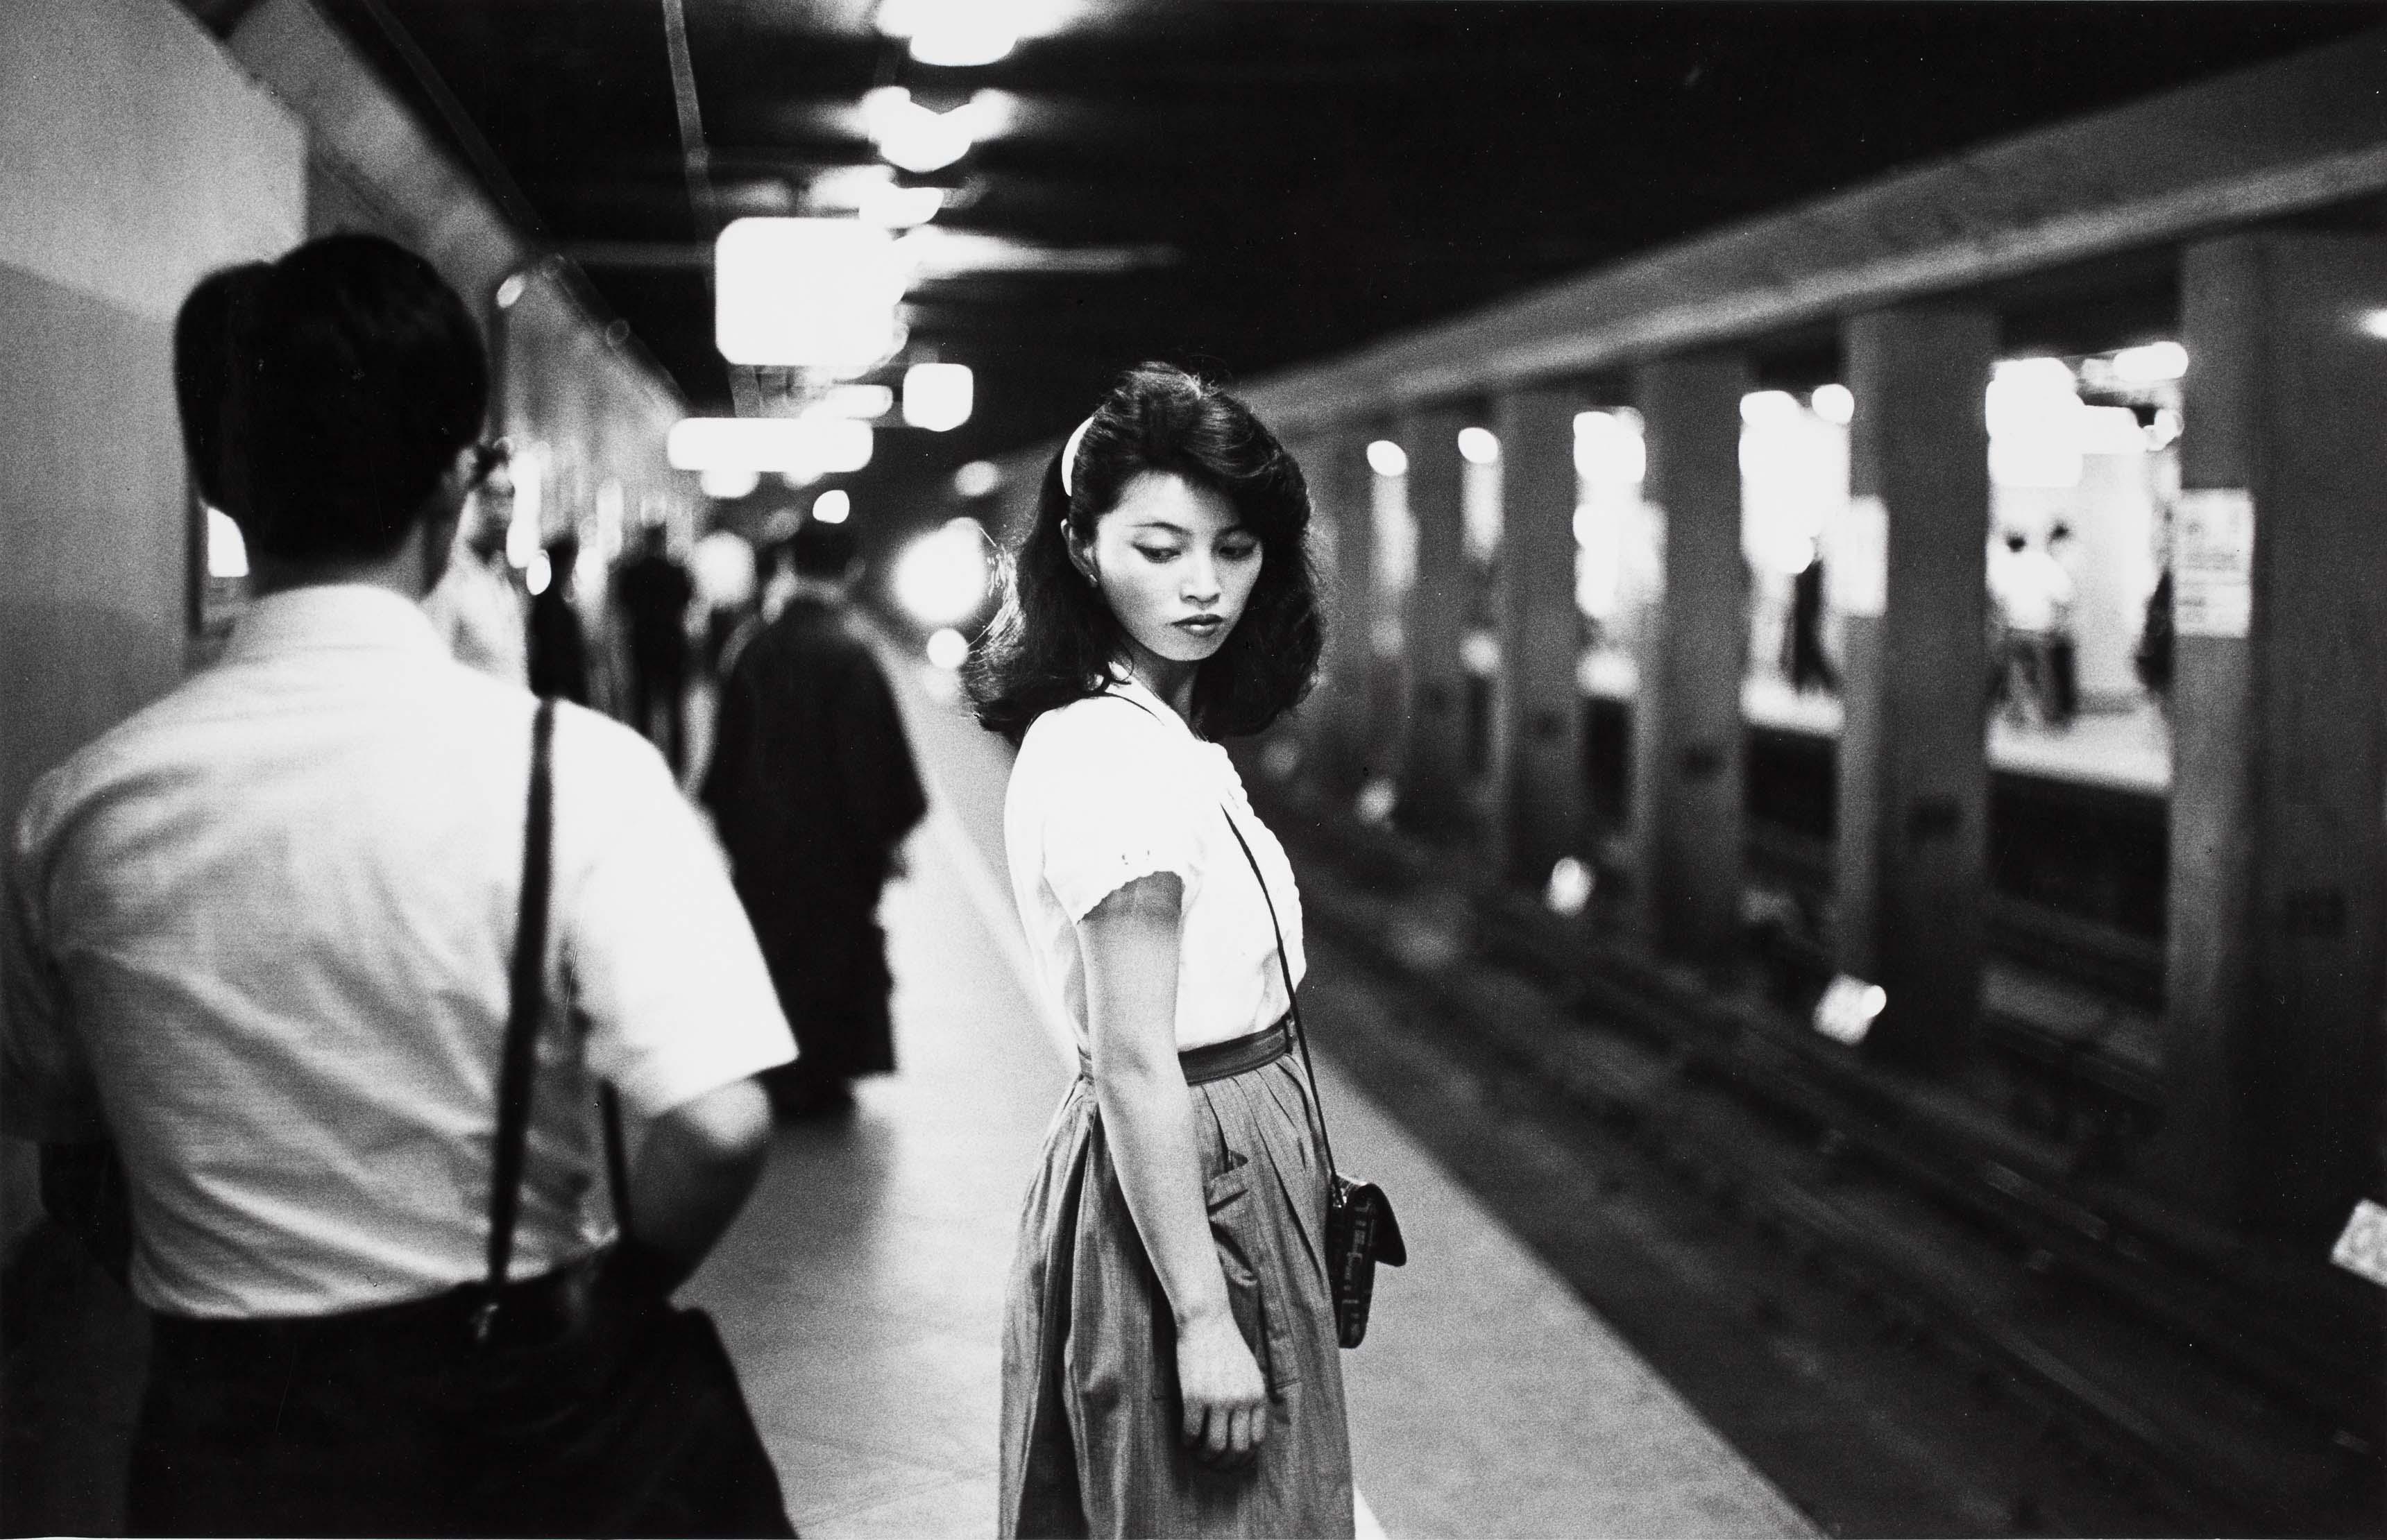 Ed van der Elsken, Fille dans le métro, Tokyo, 1981. Nederlands Fotomuseum Rotterdam © Ed van der Elsken / Collection Stedelijk Museum Amsterdam